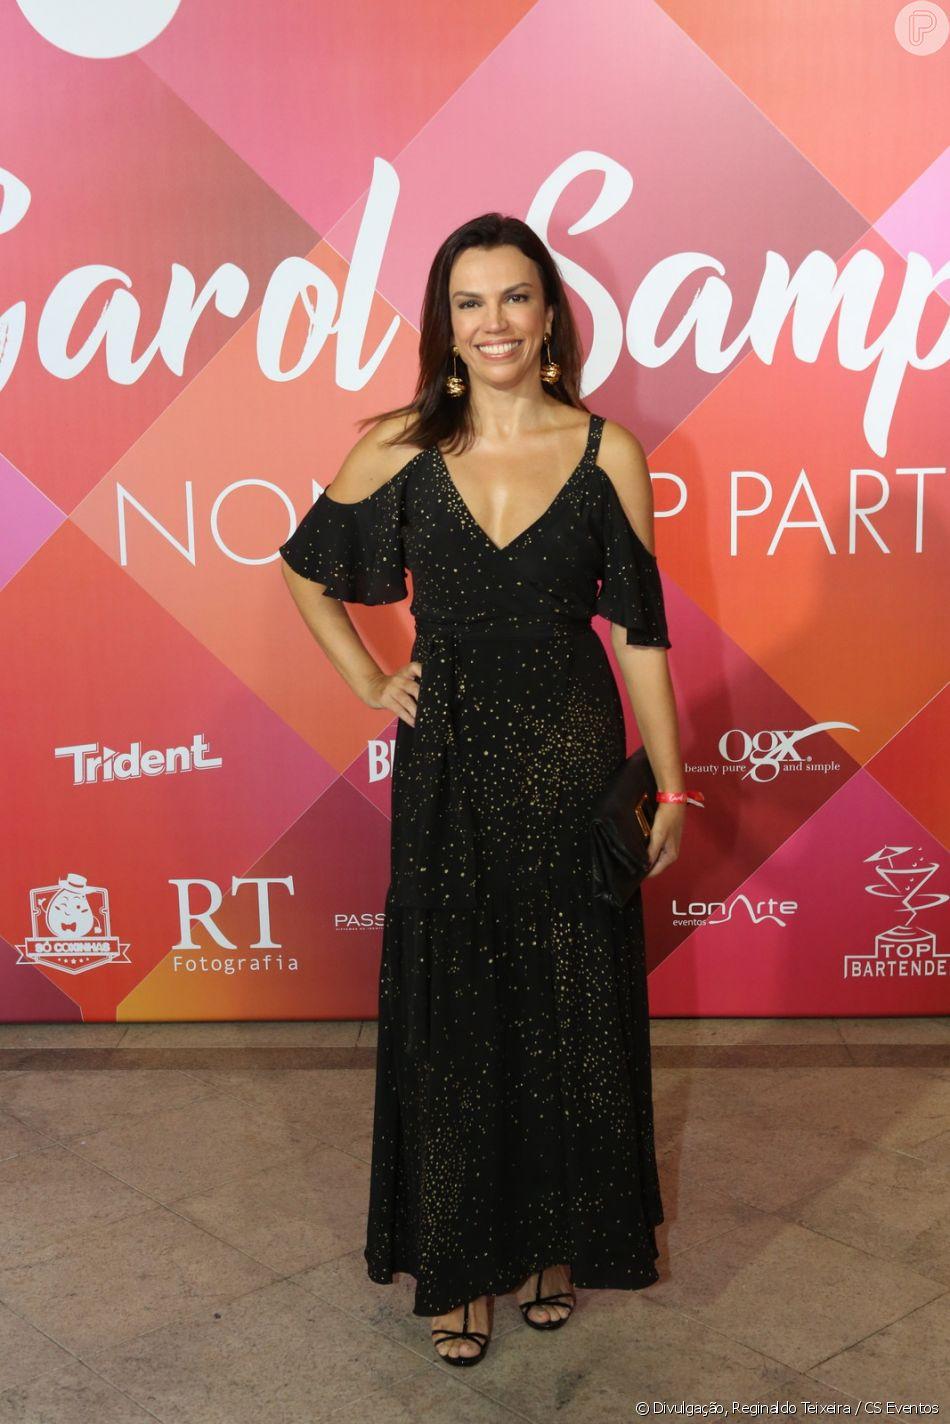 88a06fe8b Ana Paula Araujo usou vestido longo preto com detalhes de brilho para ir à  festa da promoter Carol Sampaio